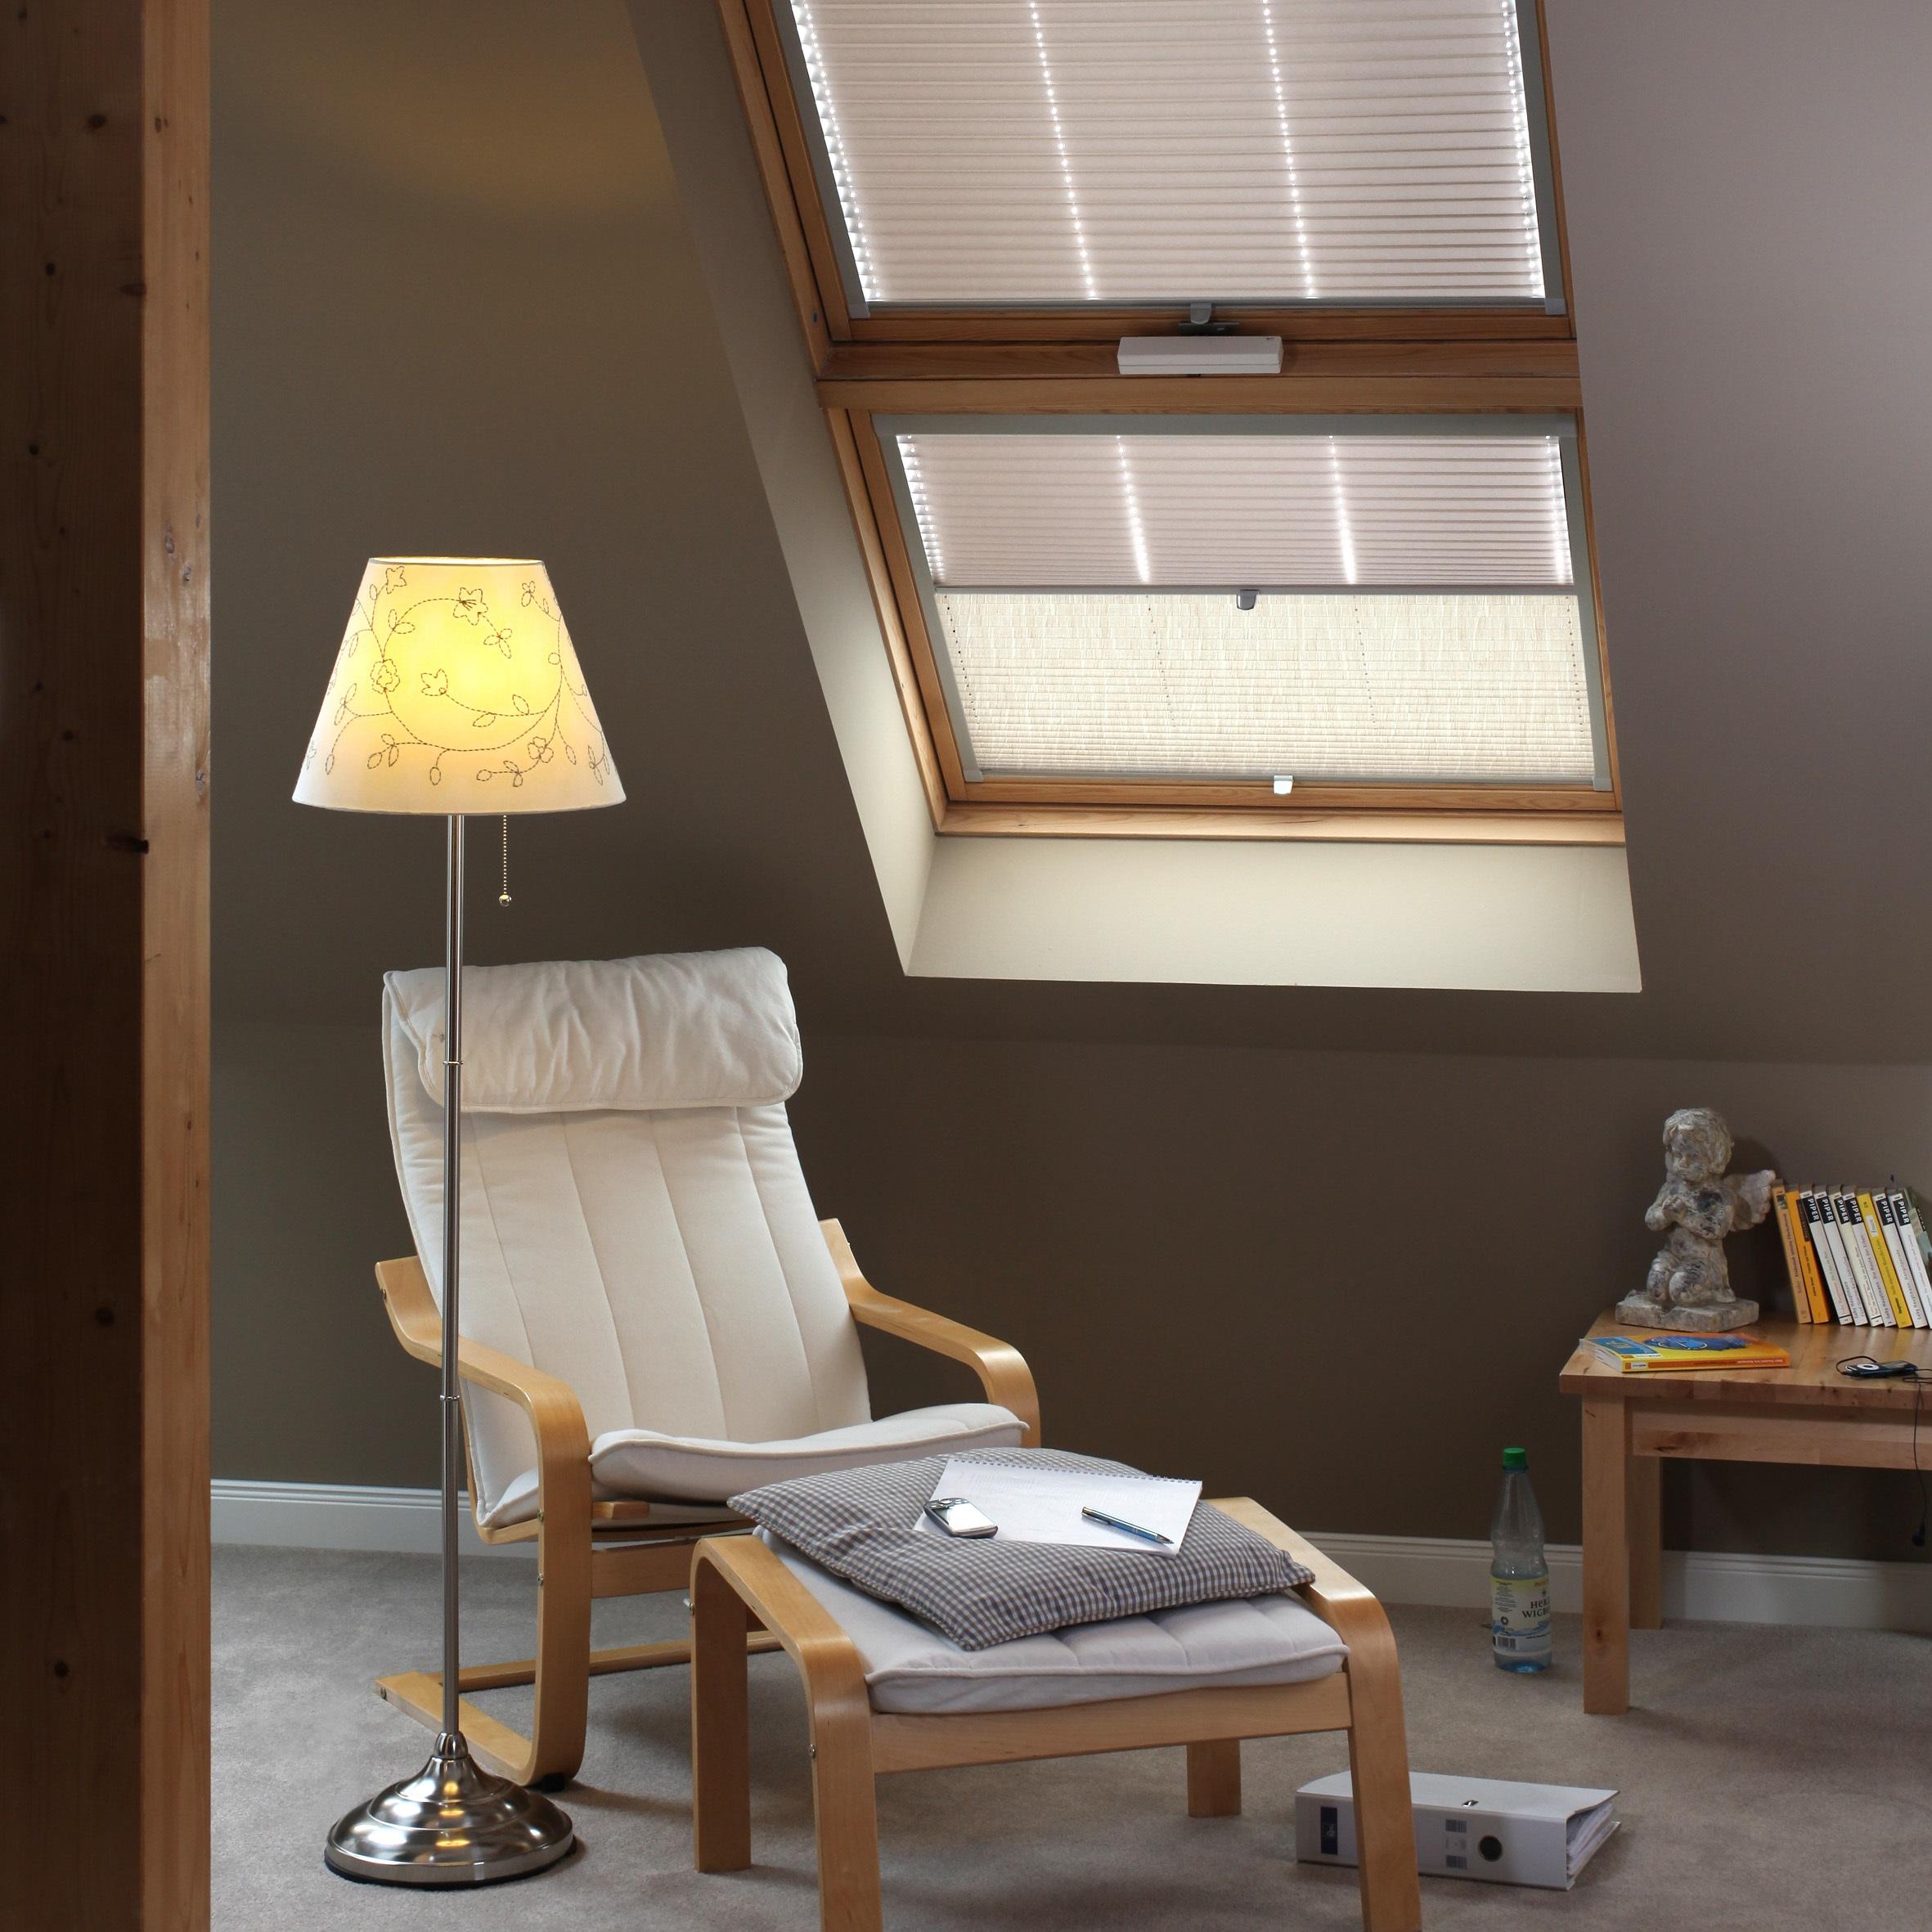 plissee shop 24 elegant plissee shop 24 with plissee shop 24 elegant hibiskus with plissee. Black Bedroom Furniture Sets. Home Design Ideas